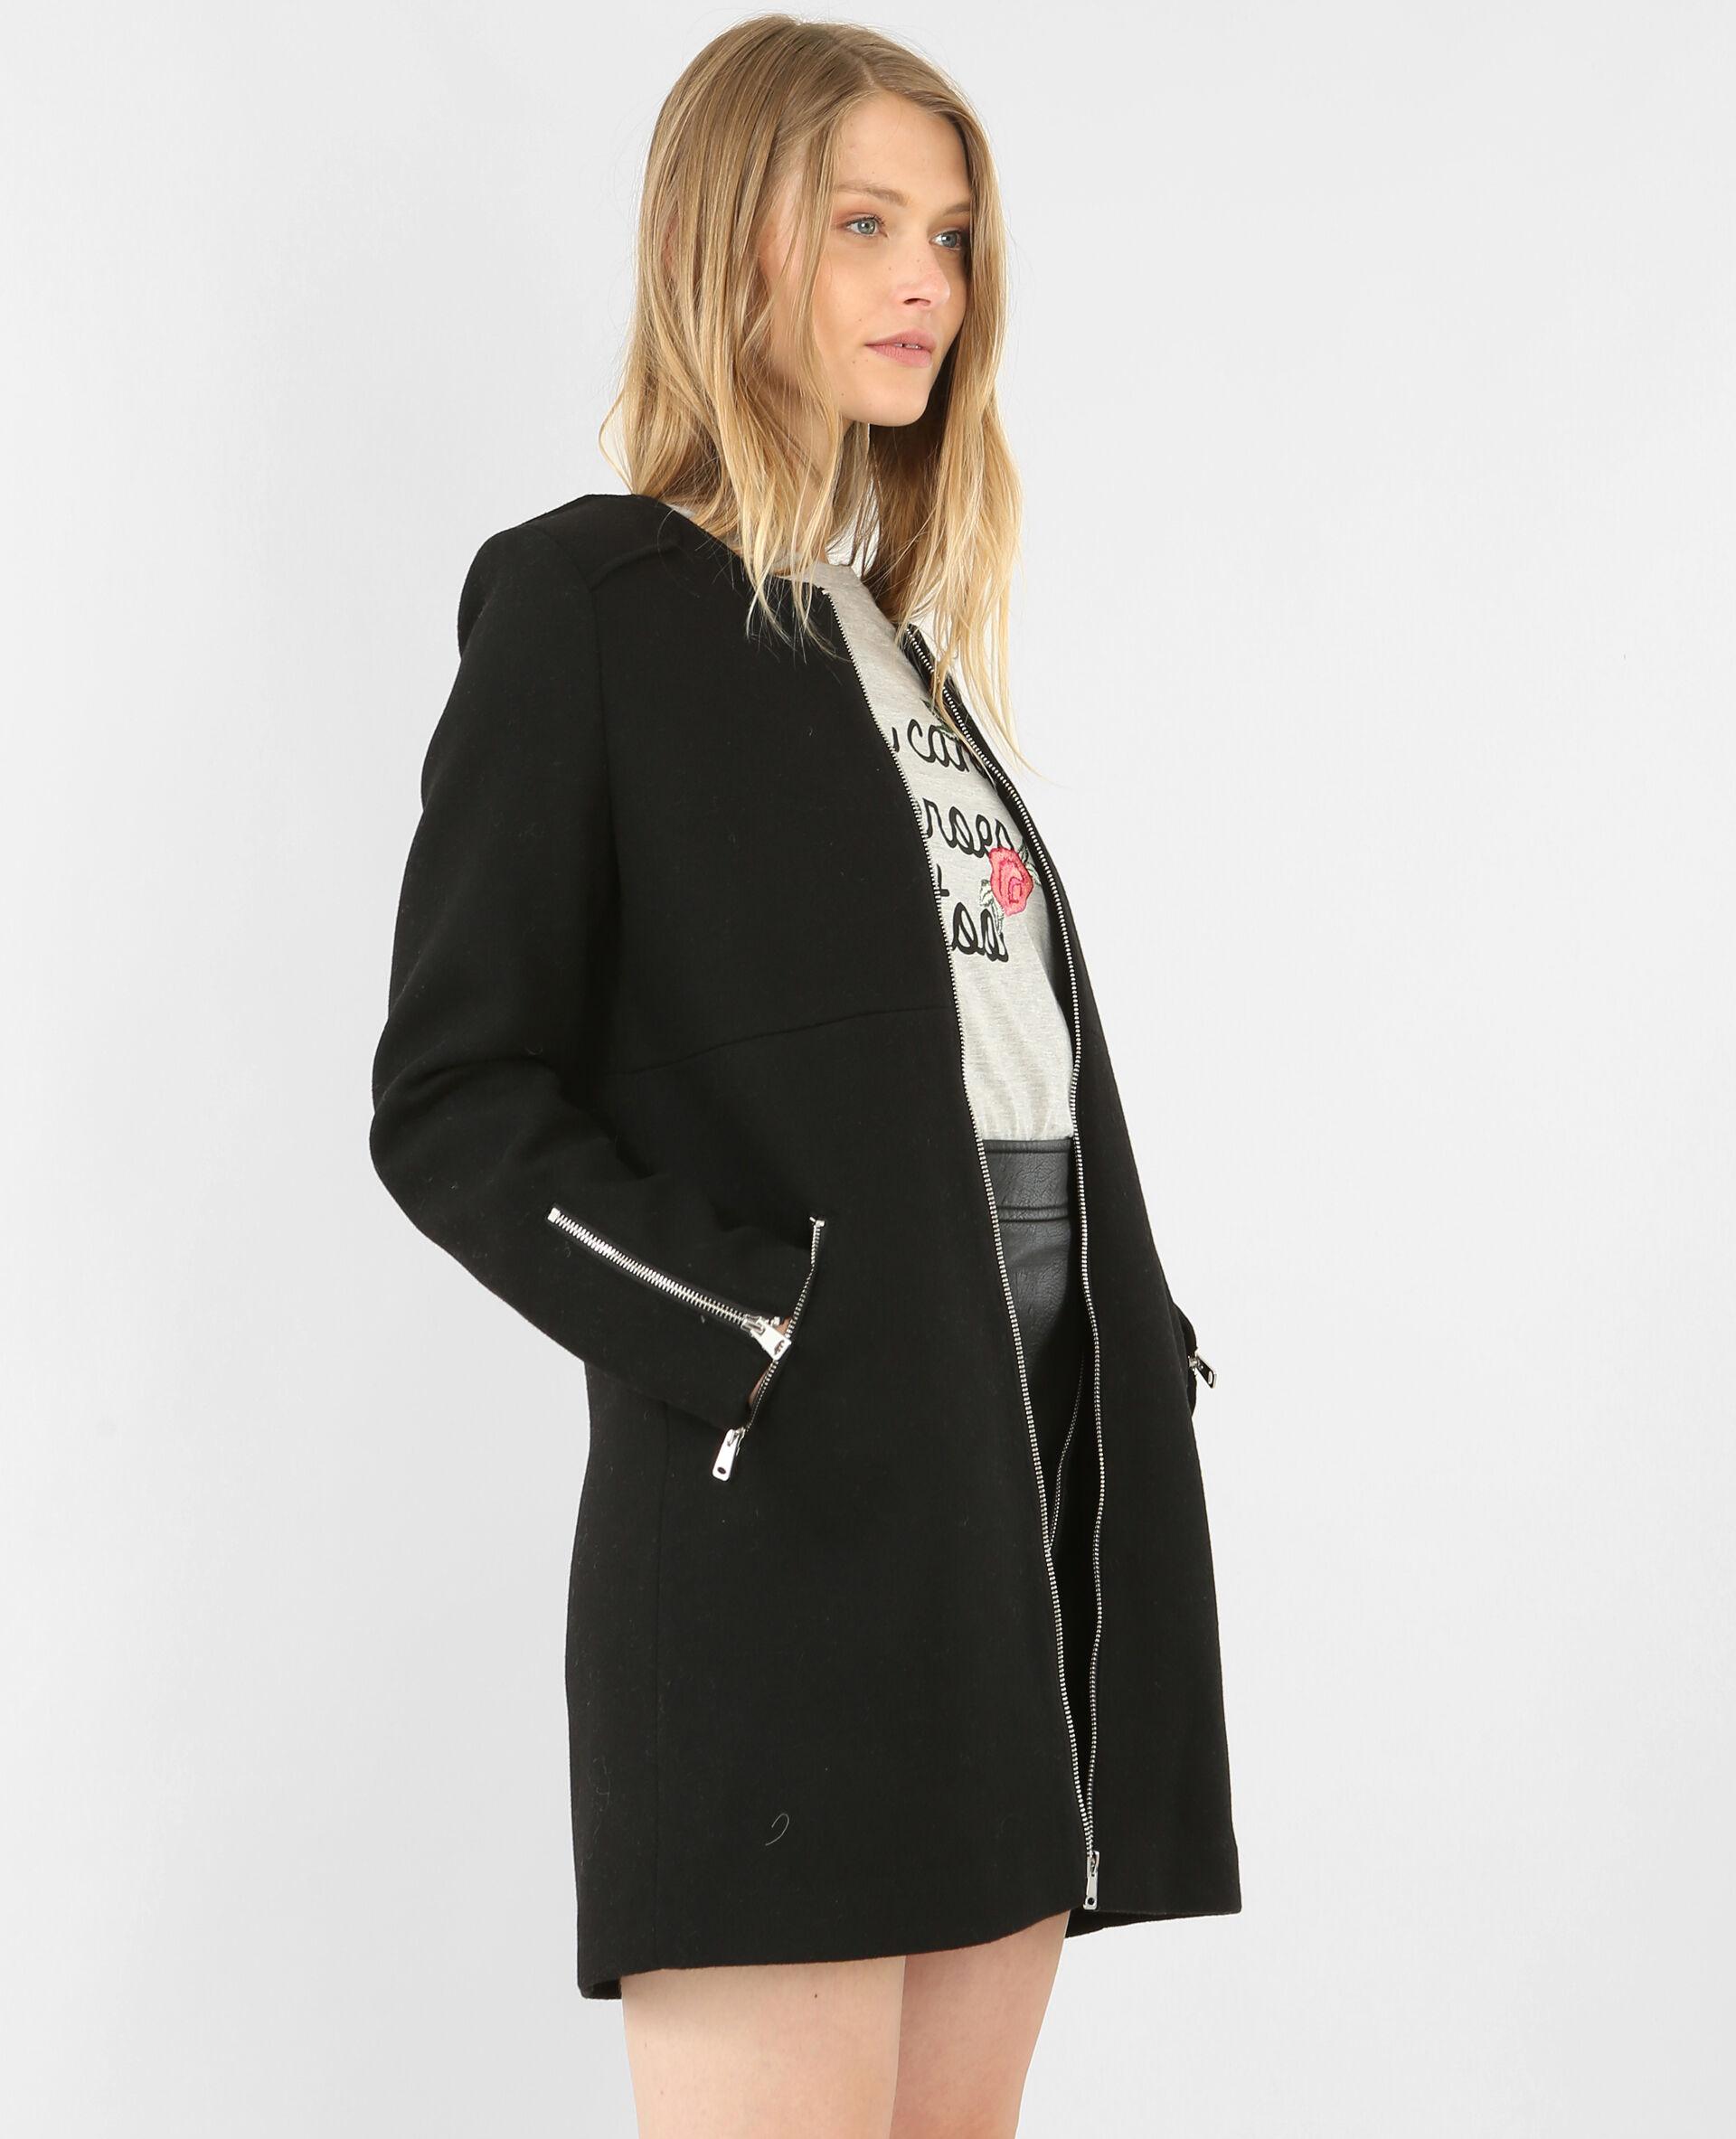 Manteau classe femme court